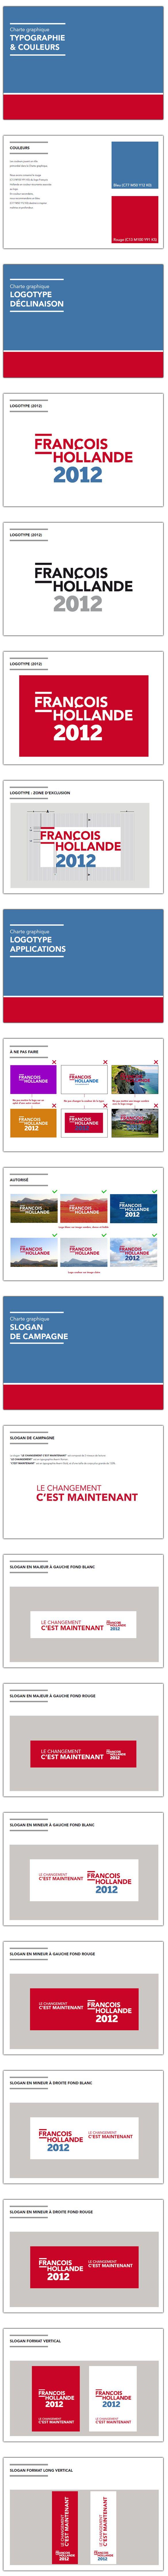 hollande2 François Hollande, le candidat du graphisme ?